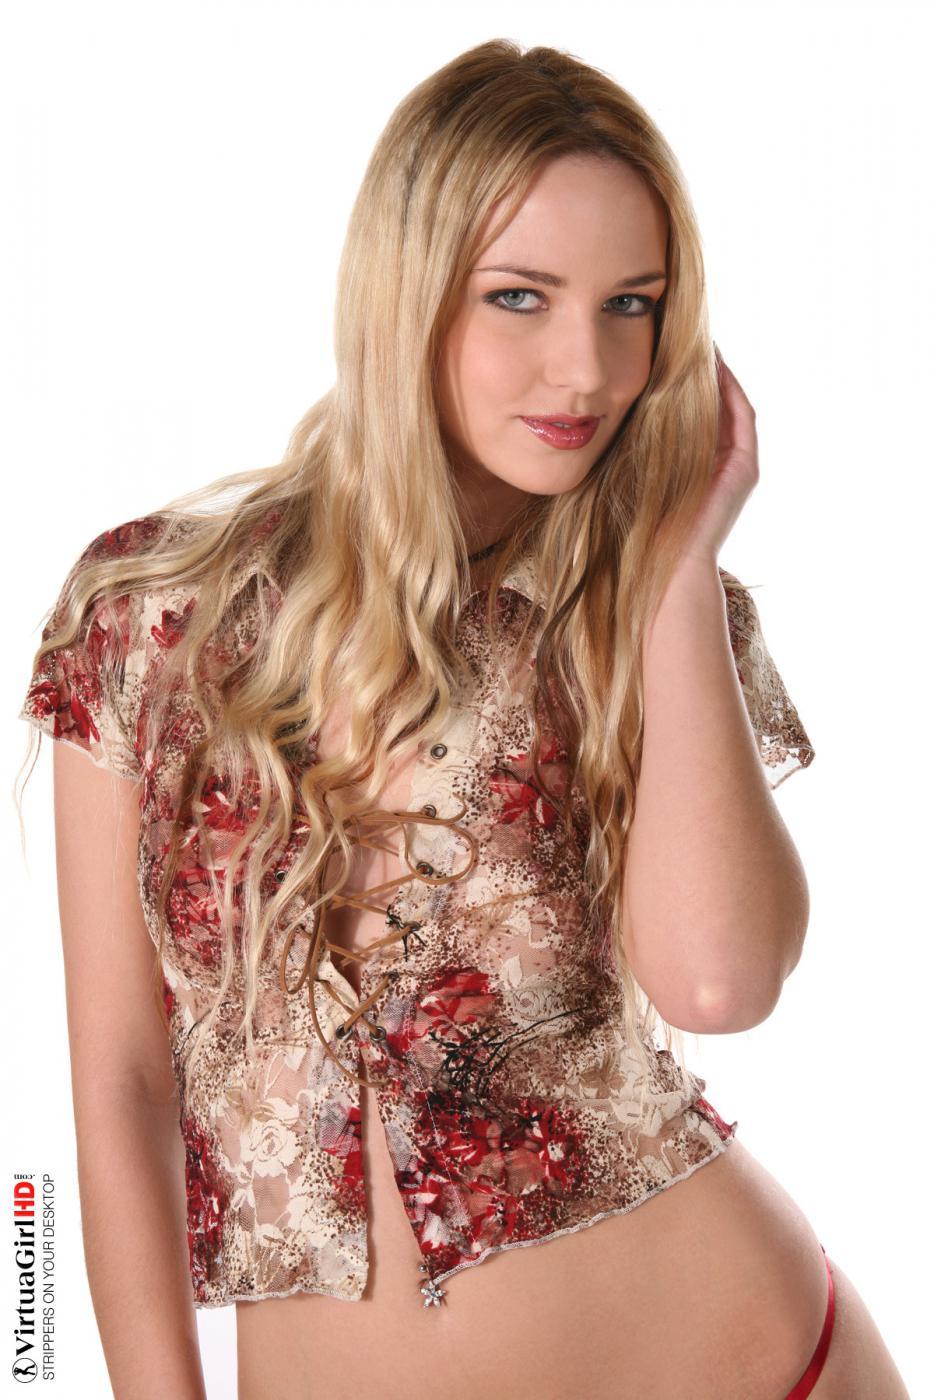 Раздеваясь, горячая блондинка Aneta J эротично водит руками по своей голой коже